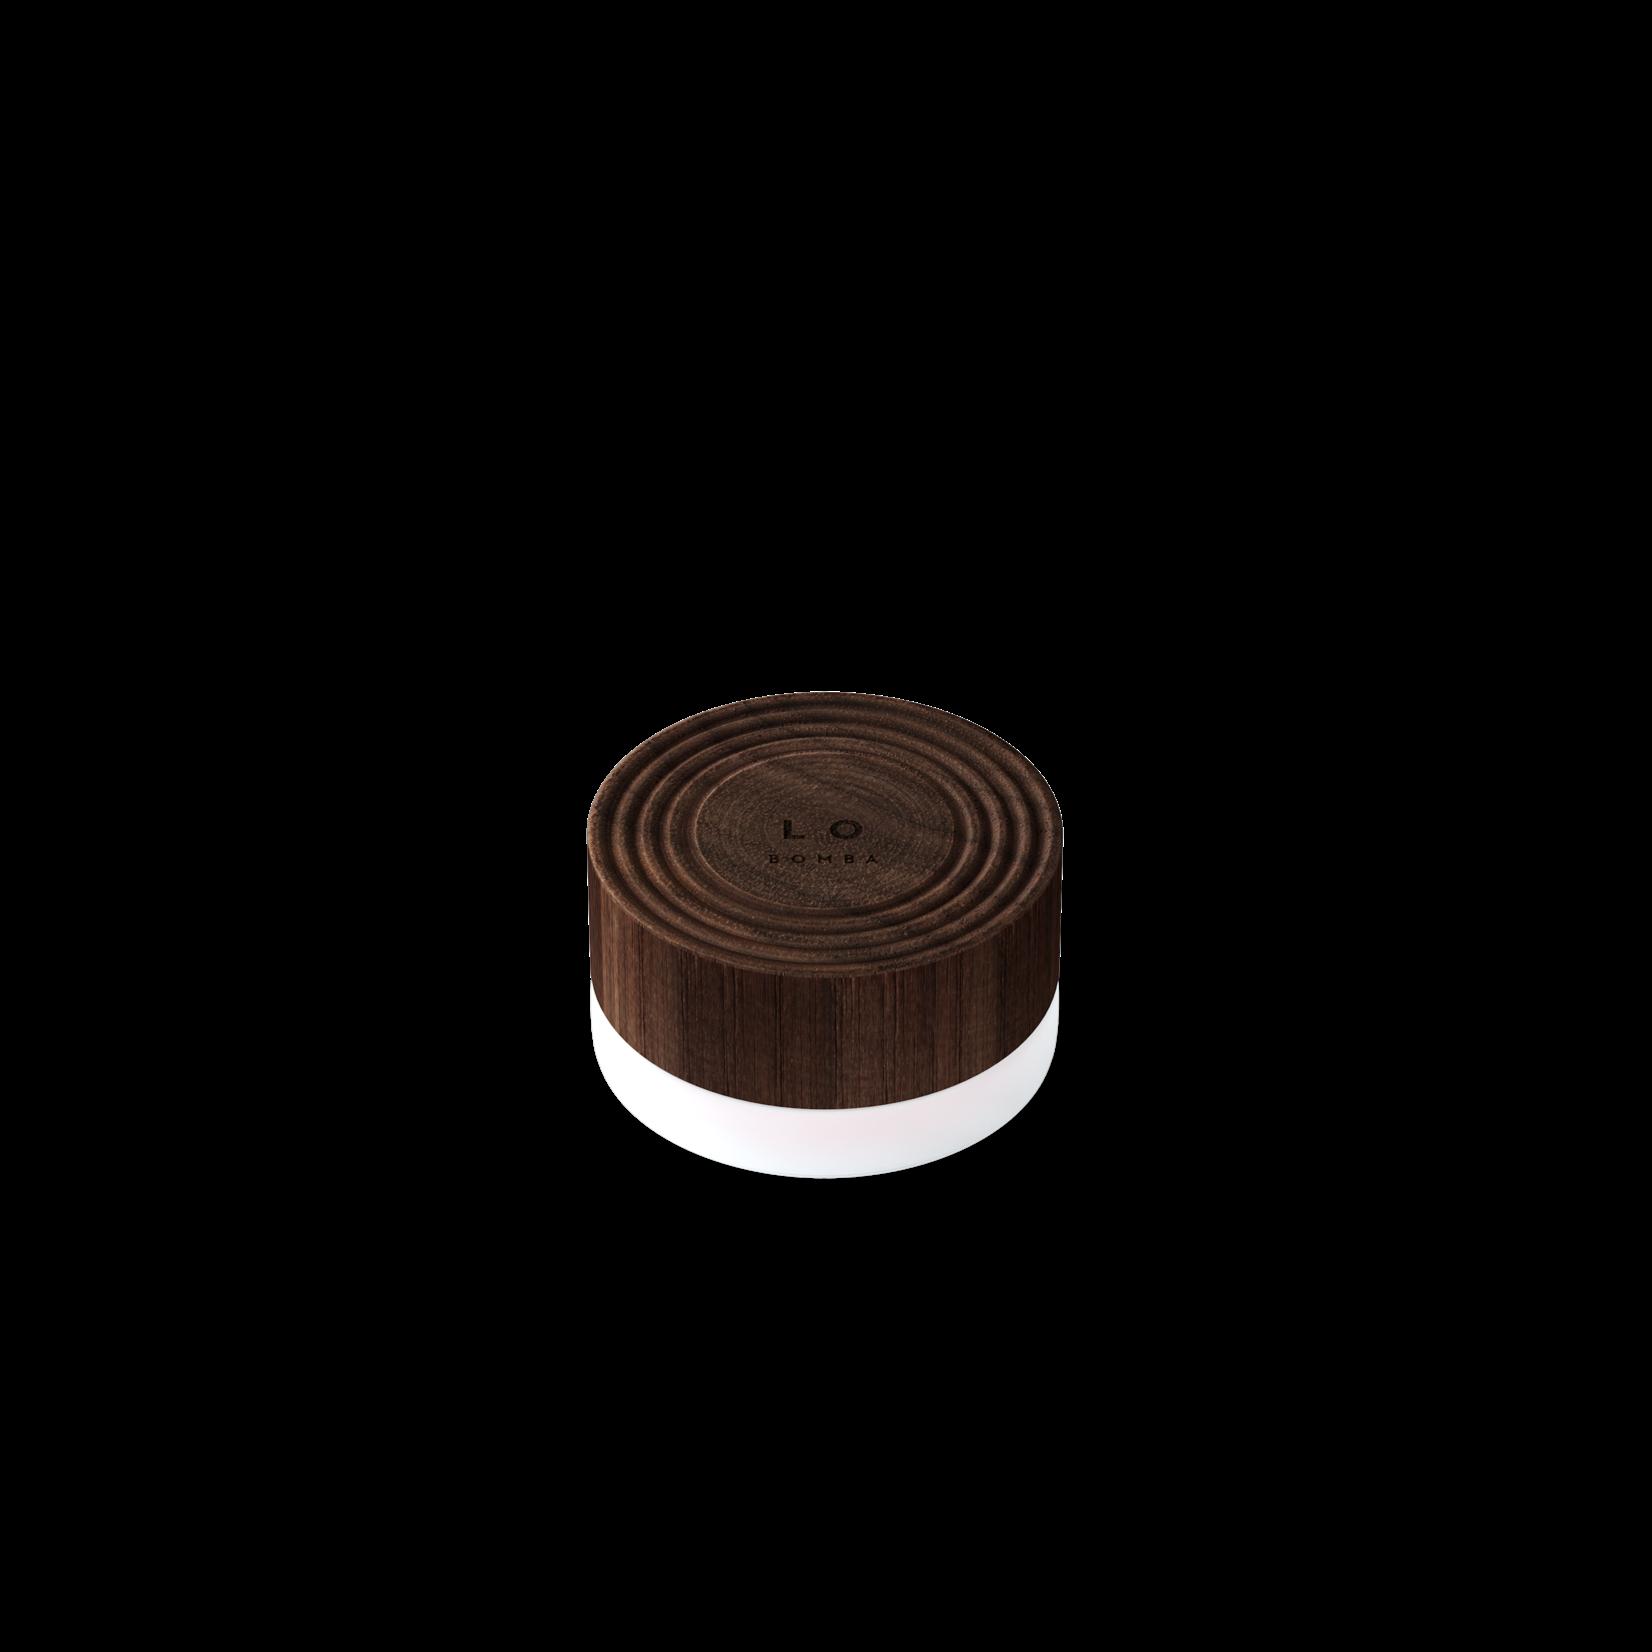 lo.care LO.CARE Lip & Cheek Tints - 100% natural